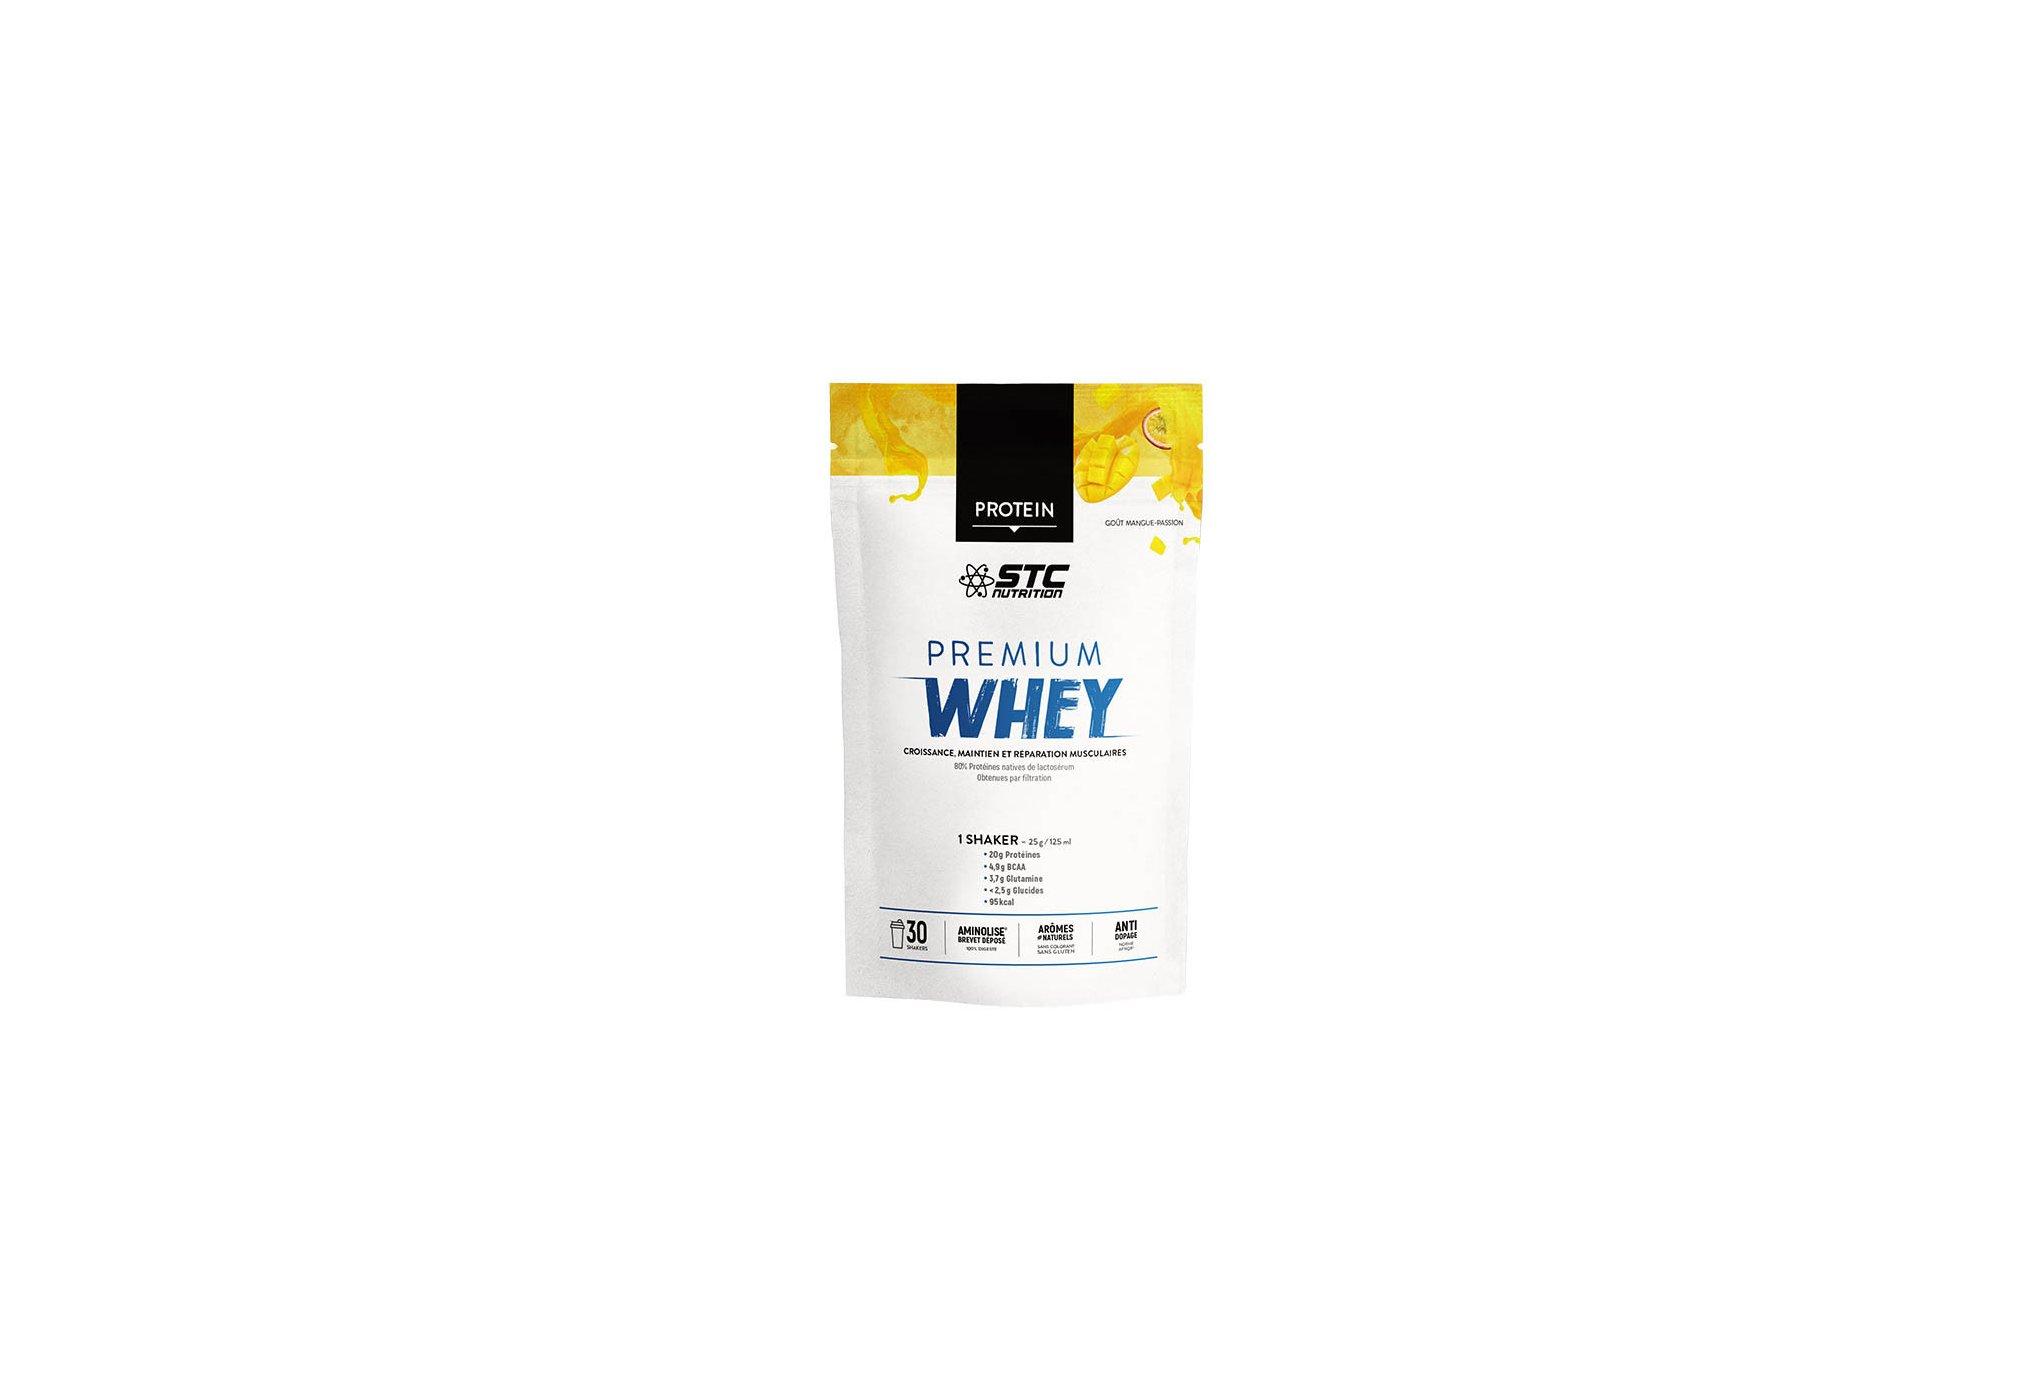 STC Nutrition Whey Pure Premium Protein mangue passion 750 g Diététique Protéines / récupération